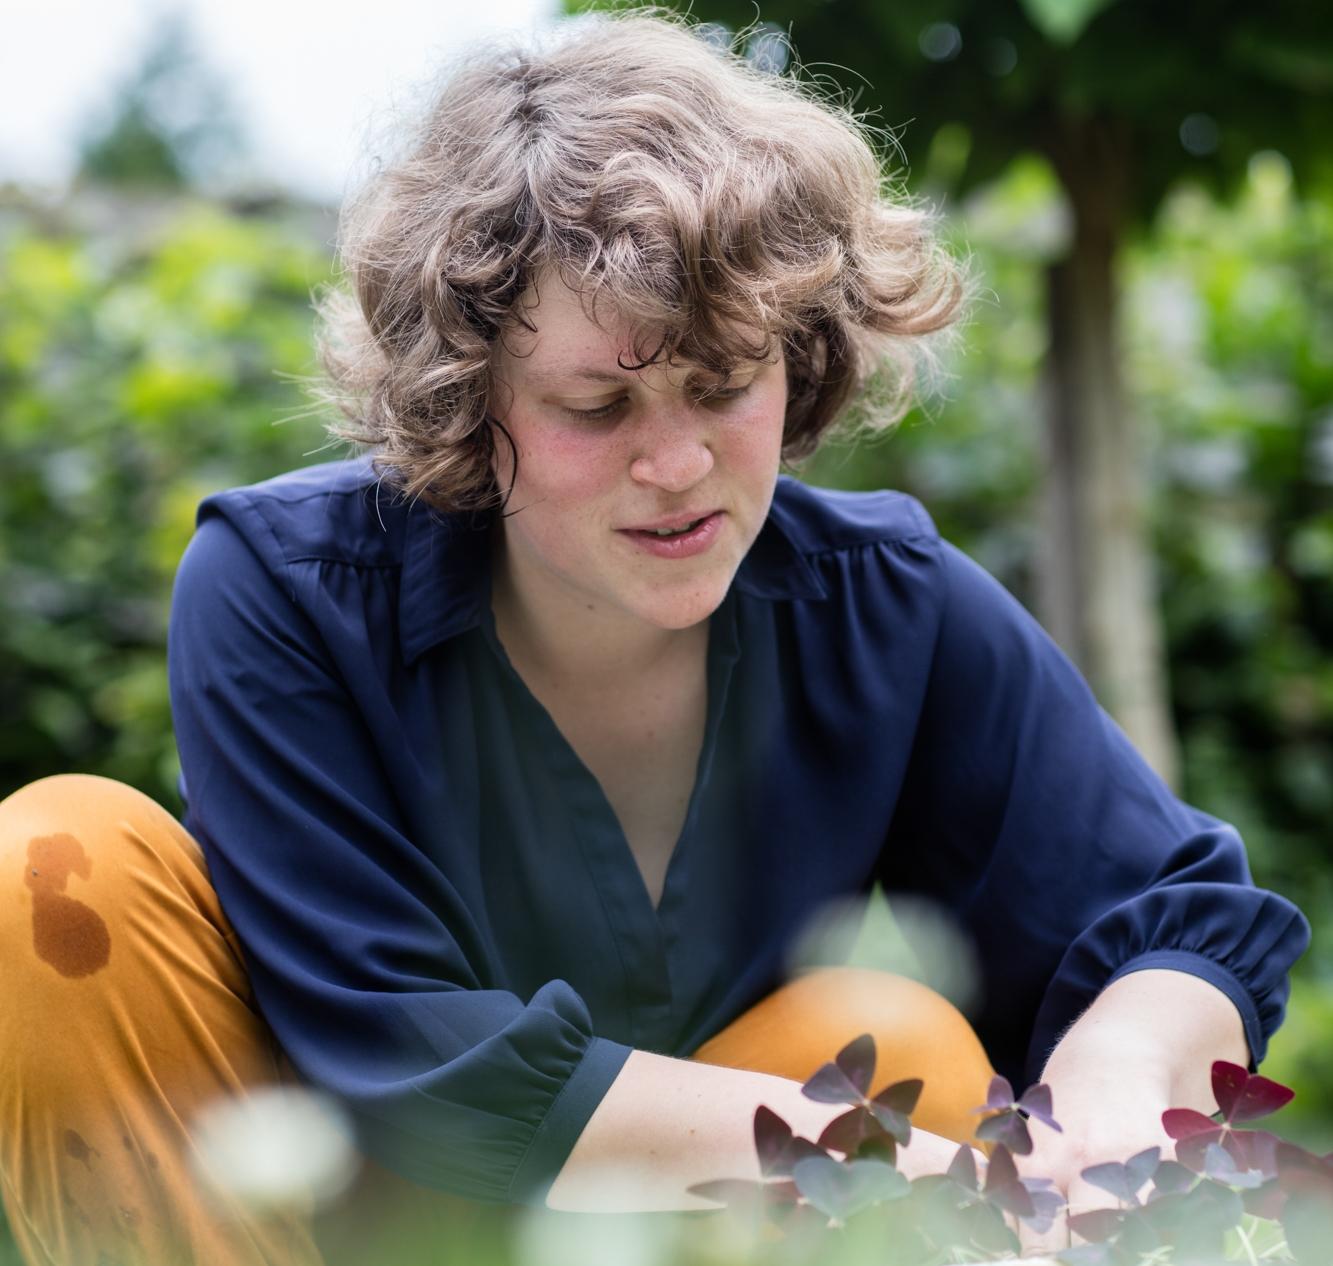 Kamerplanten kweken is een vorm van therapie volgens Karen Van der Perre